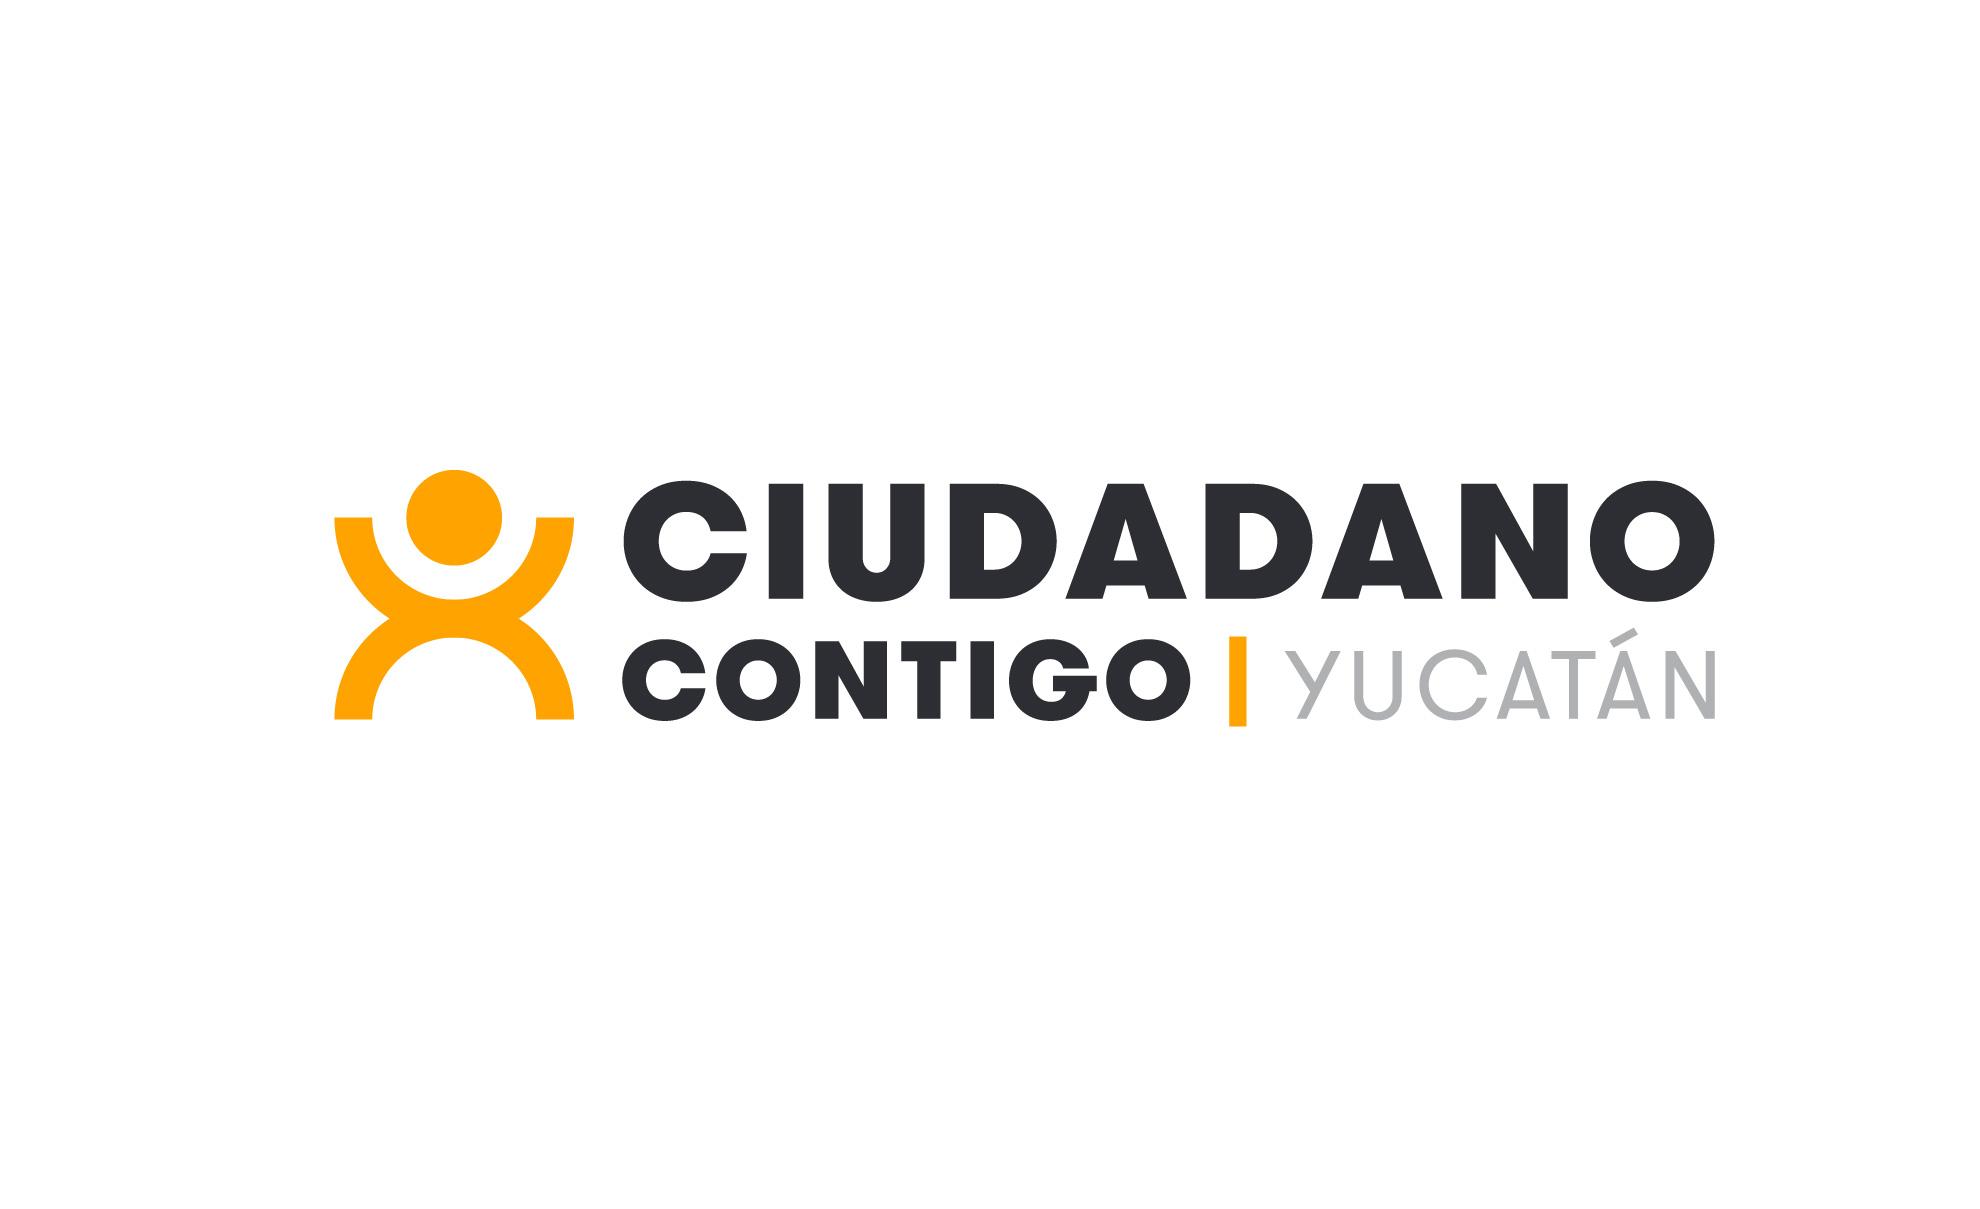 Ciudadano_Contigo-01